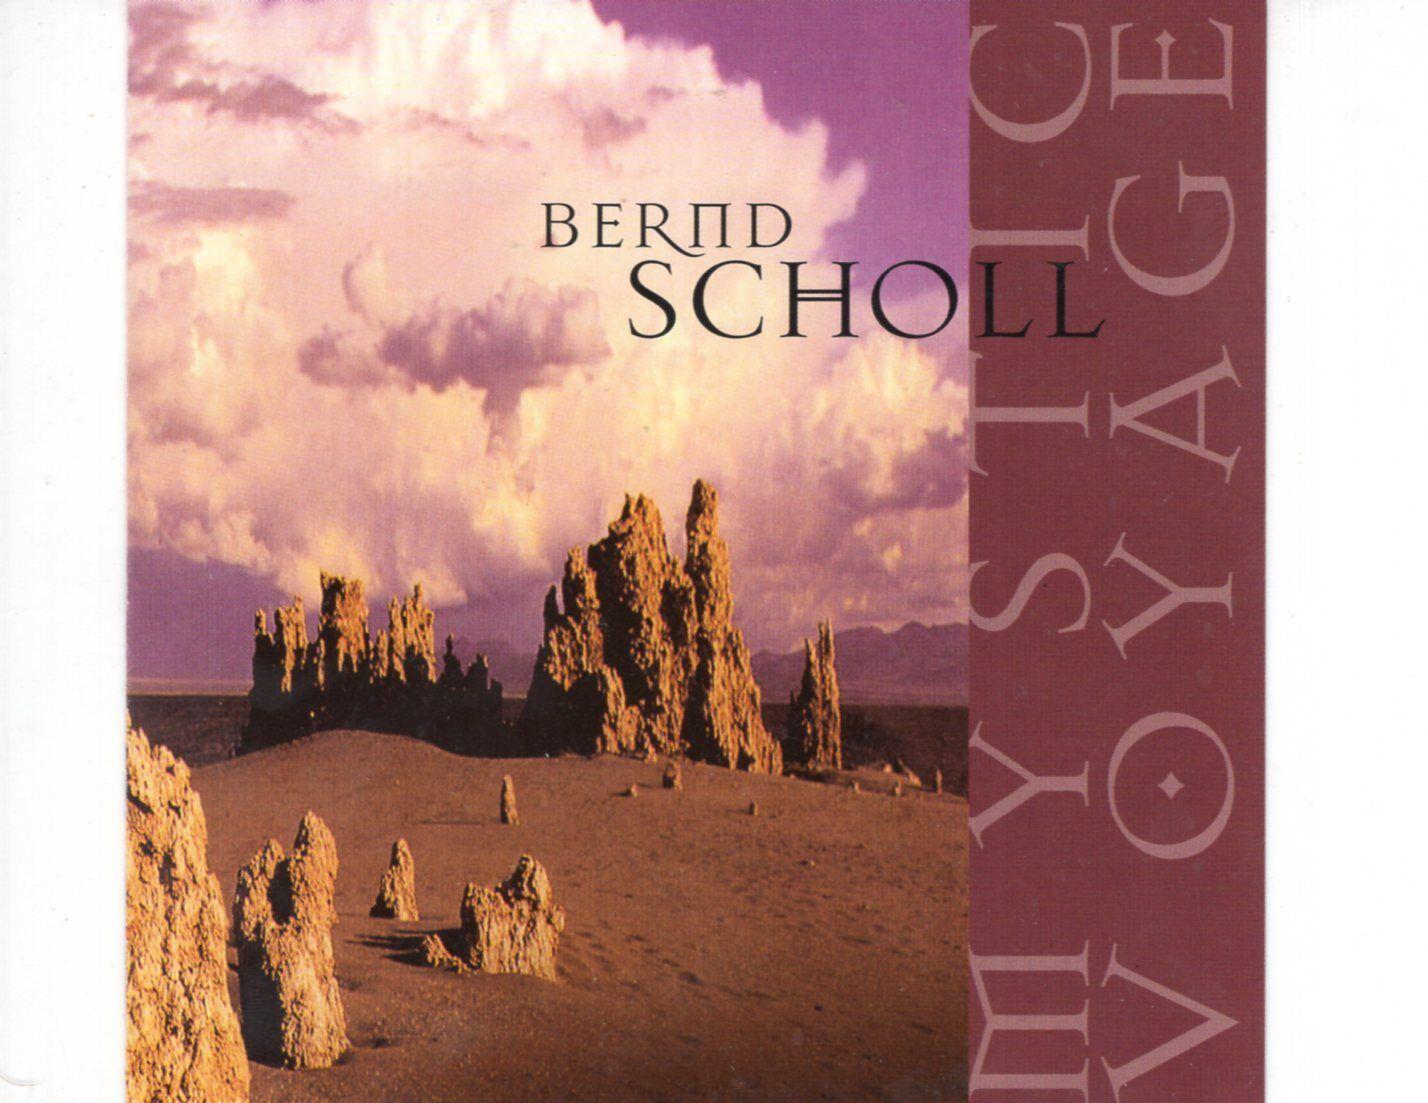 CD BERND SCHOLLmystic voyageNEAR MINT (R0539)